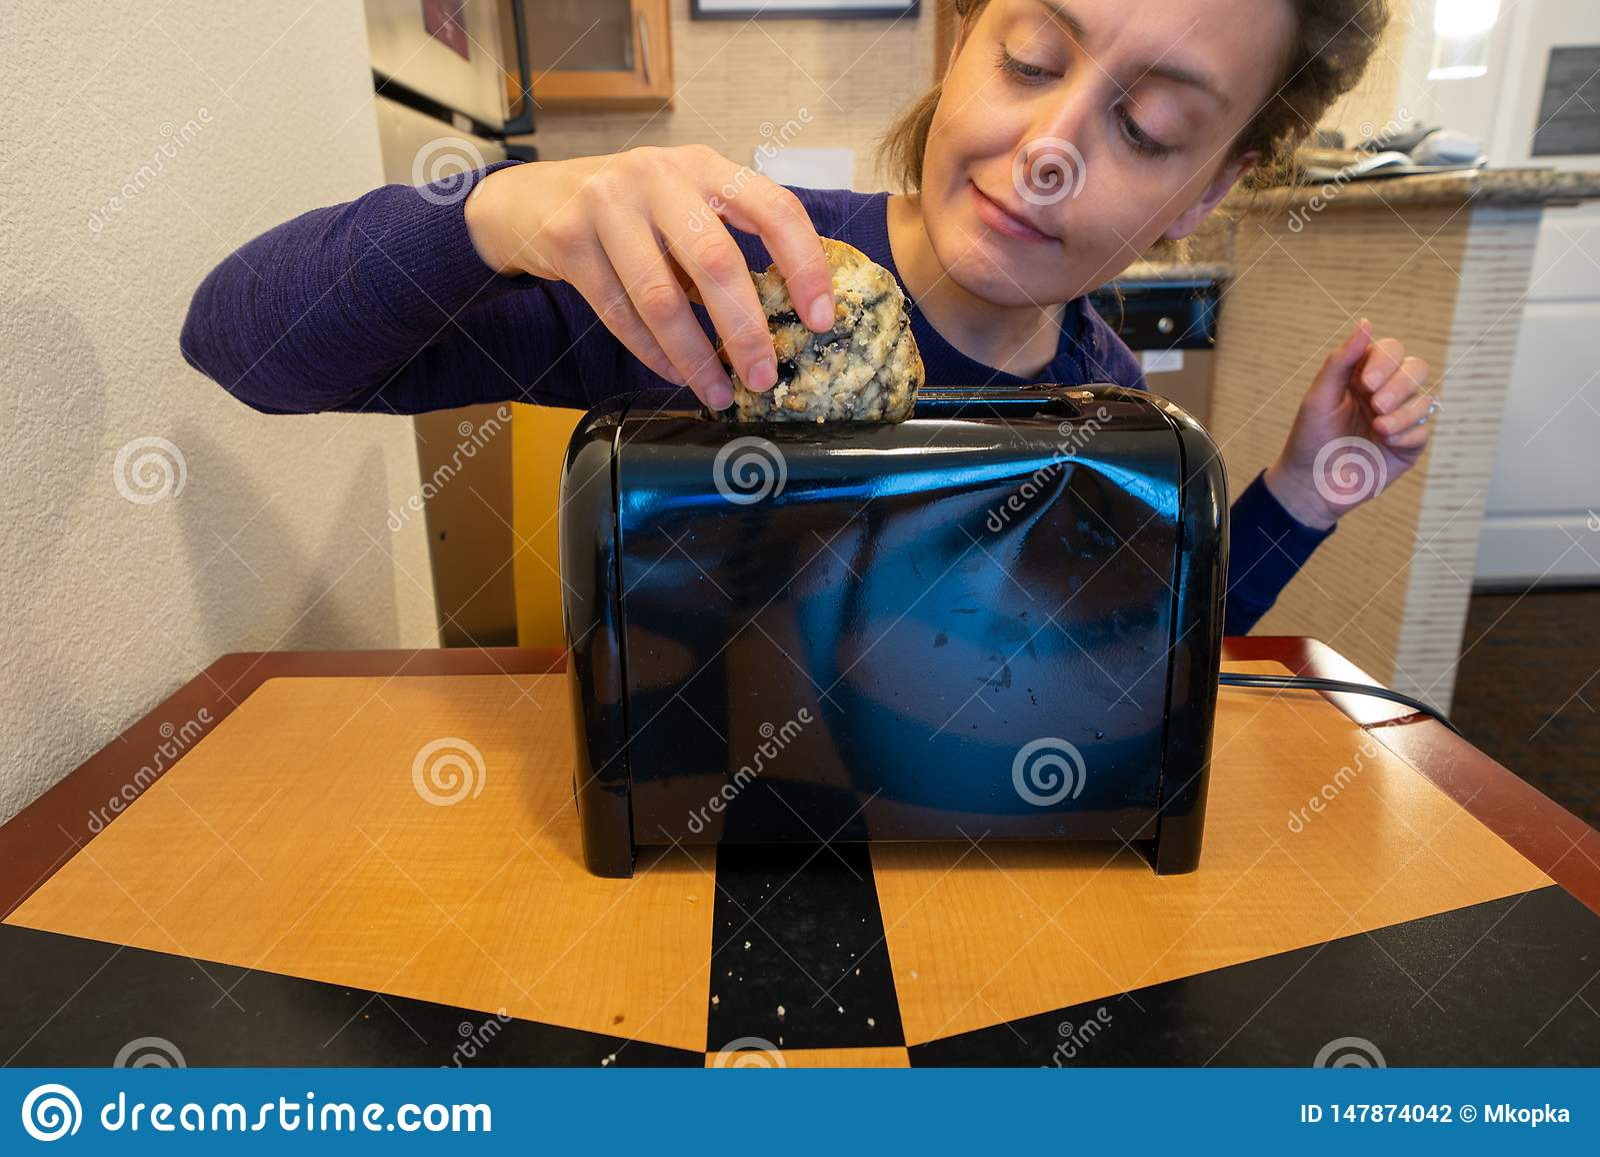 De misleide vrouw probeert om een groot bosbessenscone in een kleine die broodroostergroef te vullen, voor brood wordt bedoeld